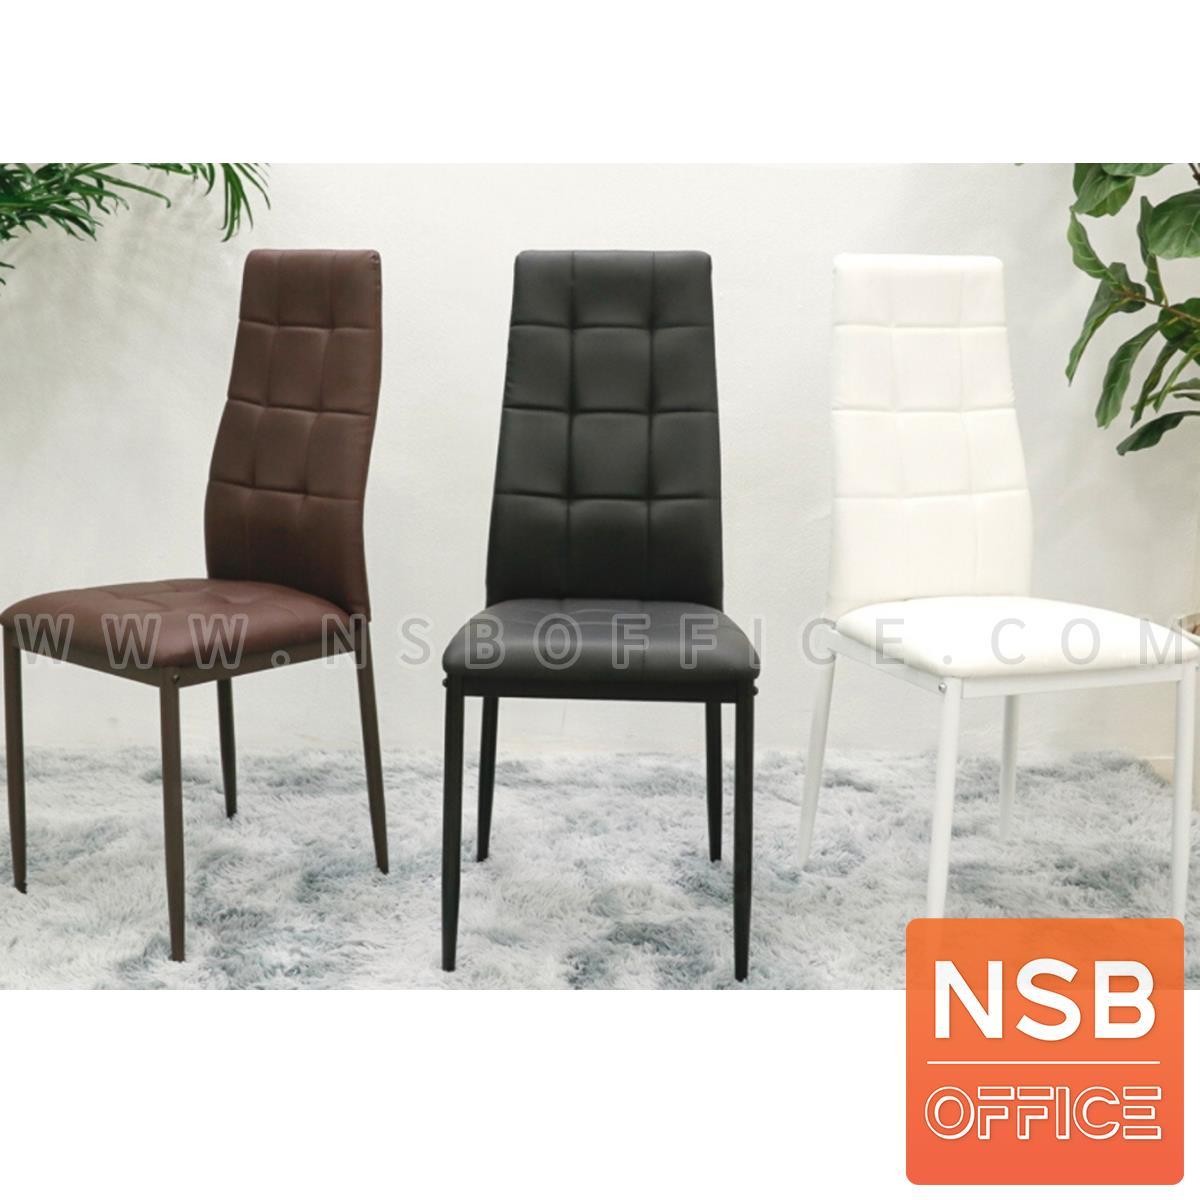 B22A202:เก้าอี้รับประทานอาหาร รุ่น Hengist (เฮนจิสต์)  หุ้มหนังเทียม